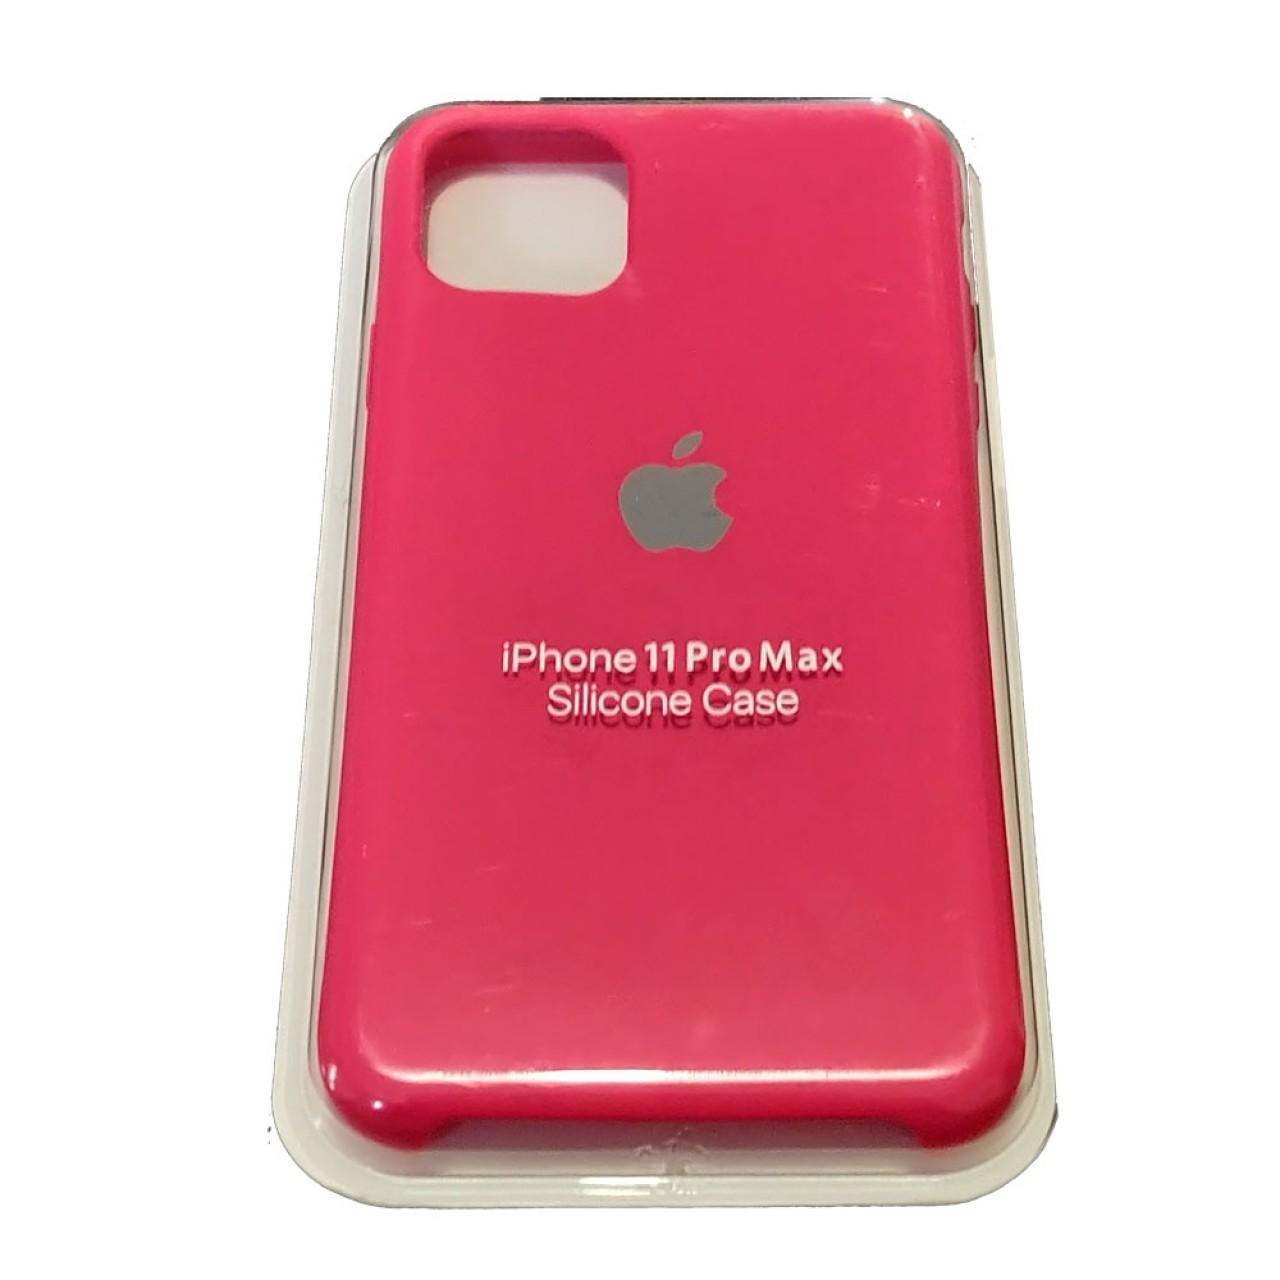 ΘΗΚΗ ΠΡΟΣΤΑΣΙΑΣ ΣΙΛΙΚΟΝΗΣ ΓΙΑ iPhone 11 PRO MAX ΦΟΥΞΙΑ - BACK COVER SILICON CASE FUCHSIA - OEM